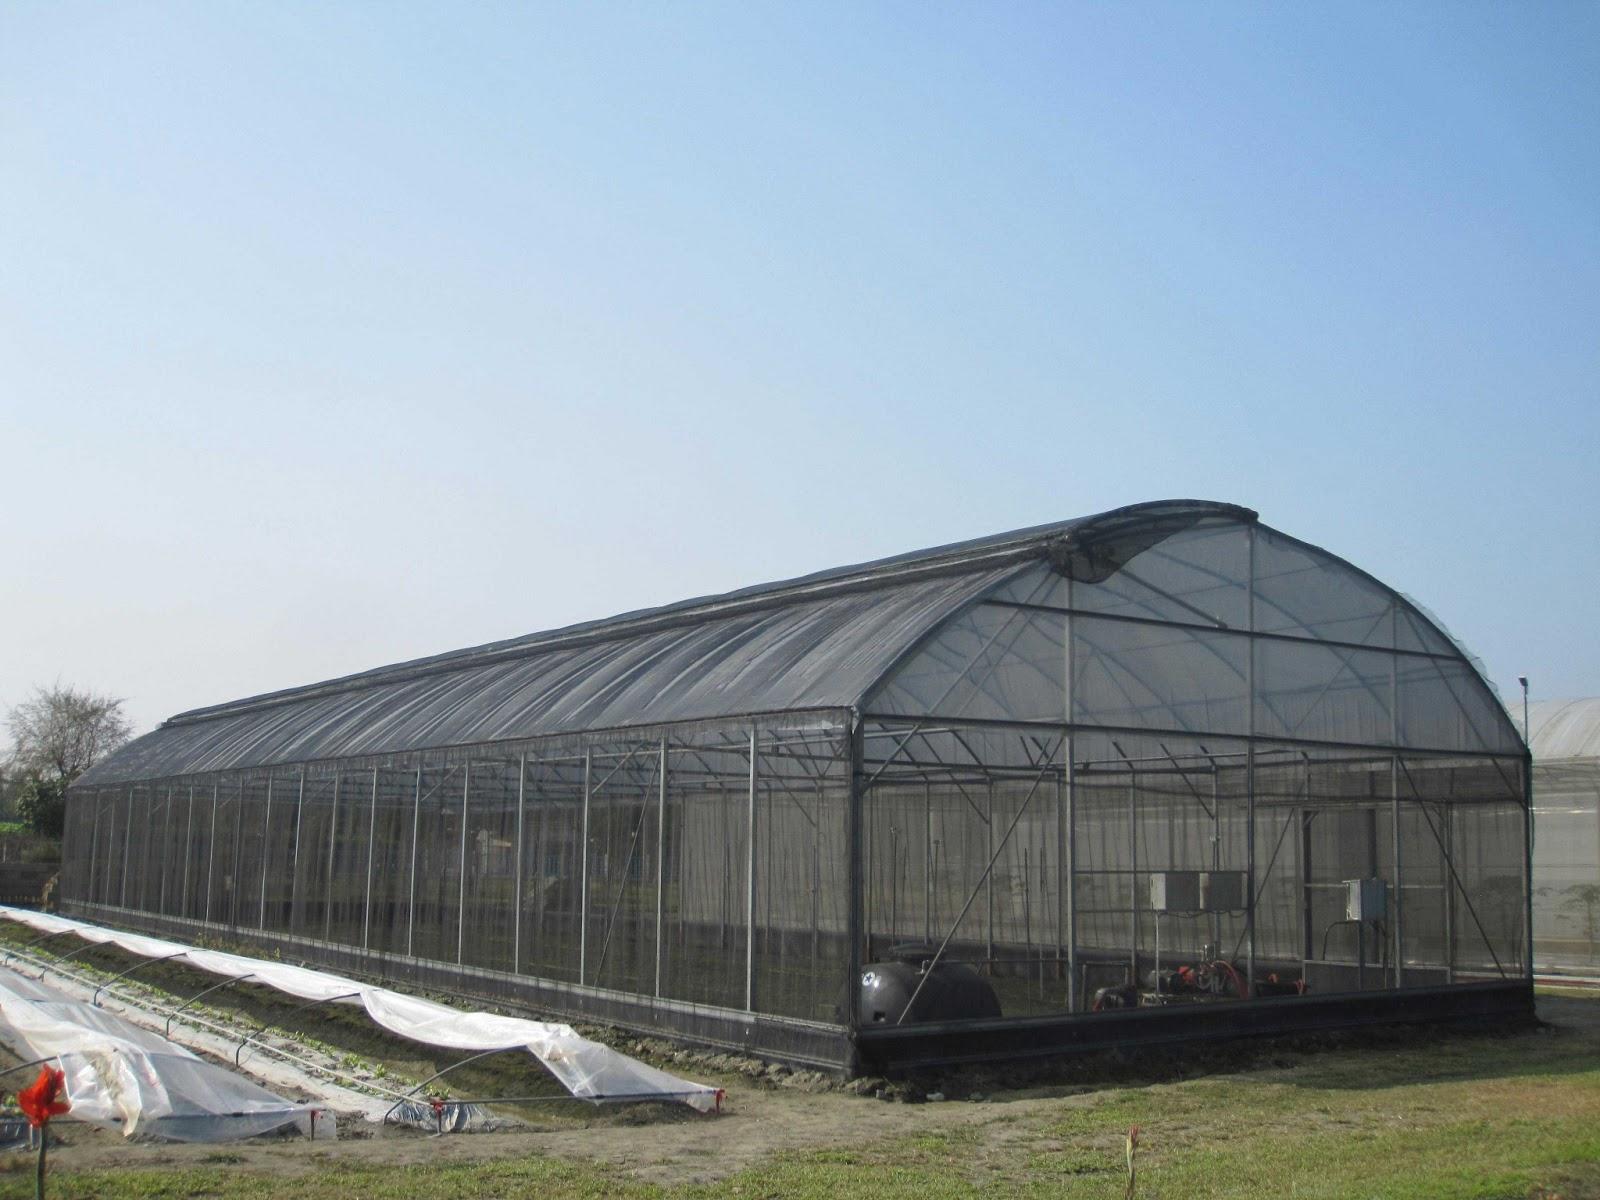 Estudiando agricultura en taiw n pensando en sombra y riego for Estructura vivero